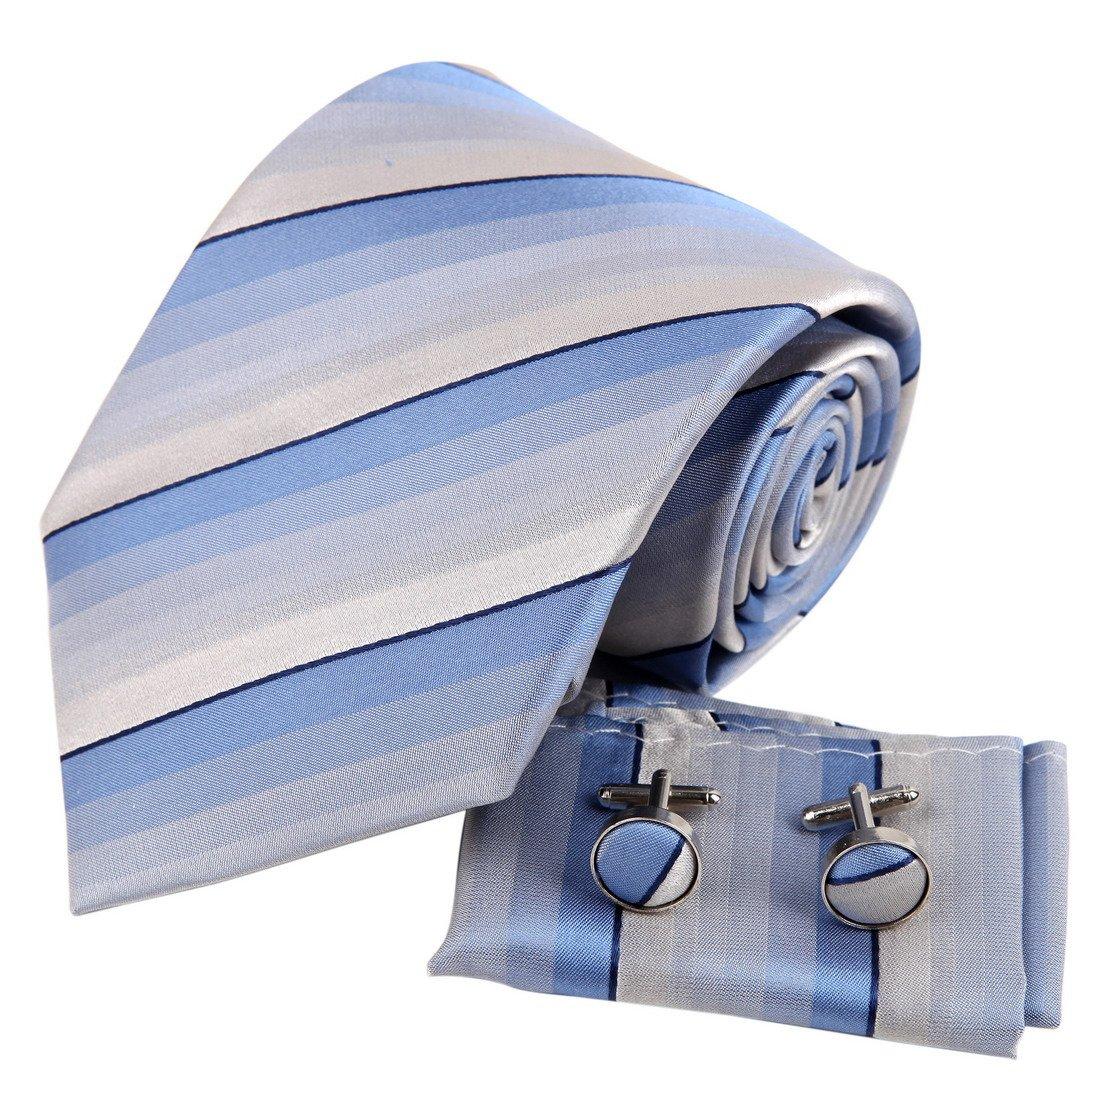 Y&G H8055 Idea aciano azul rayada Contemporš¢neo Gris Club de ...